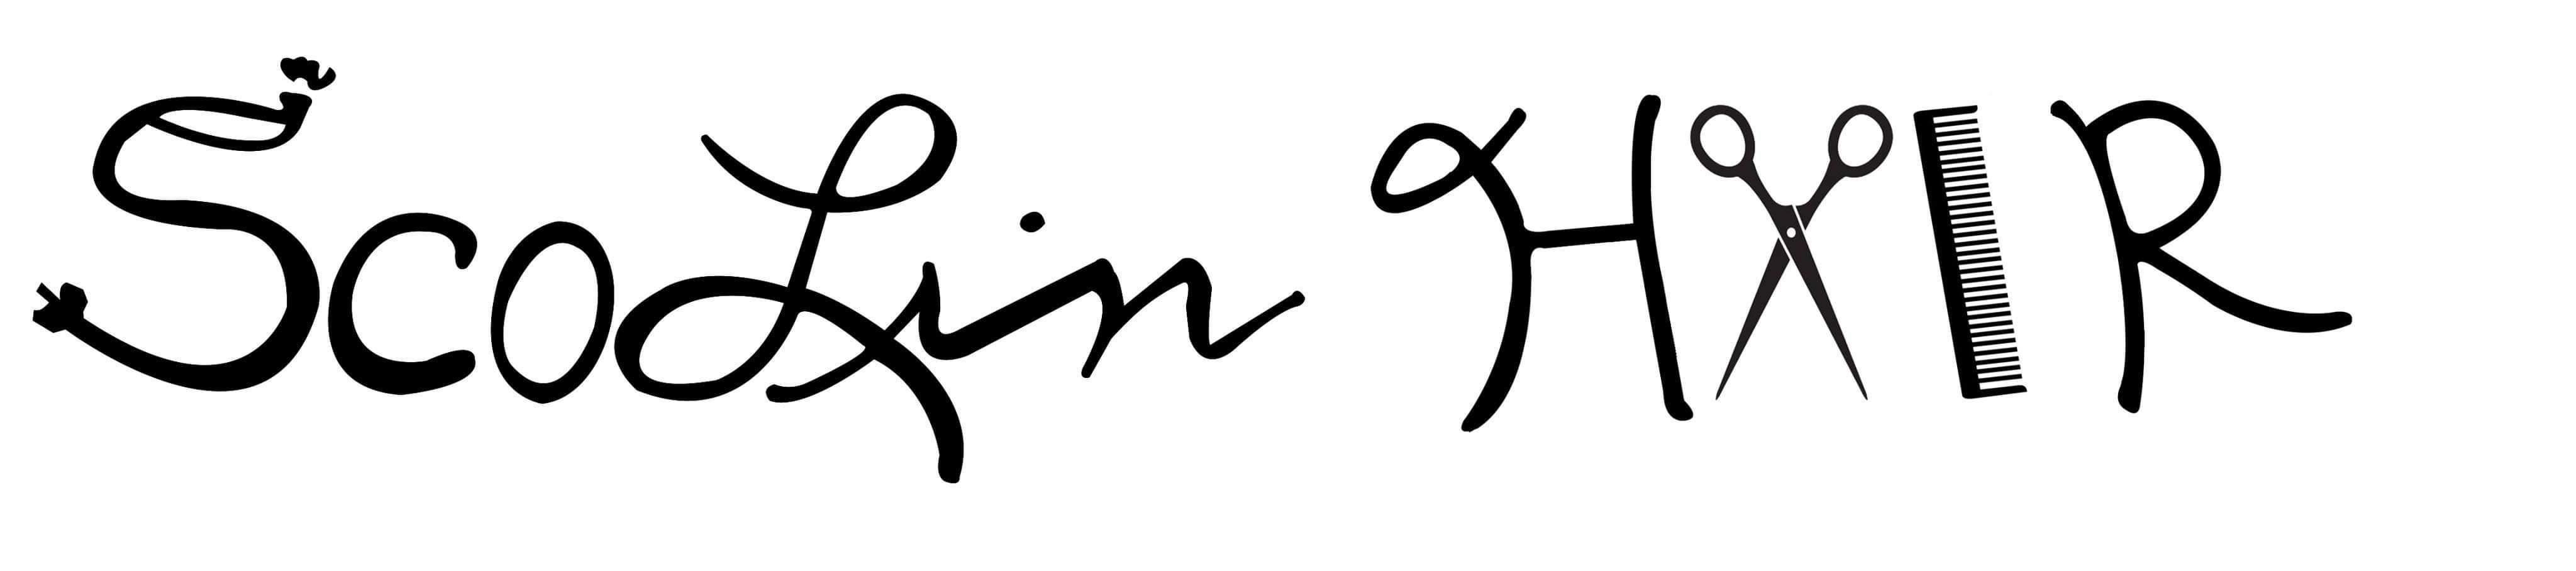 ScoLin HAIR LLC